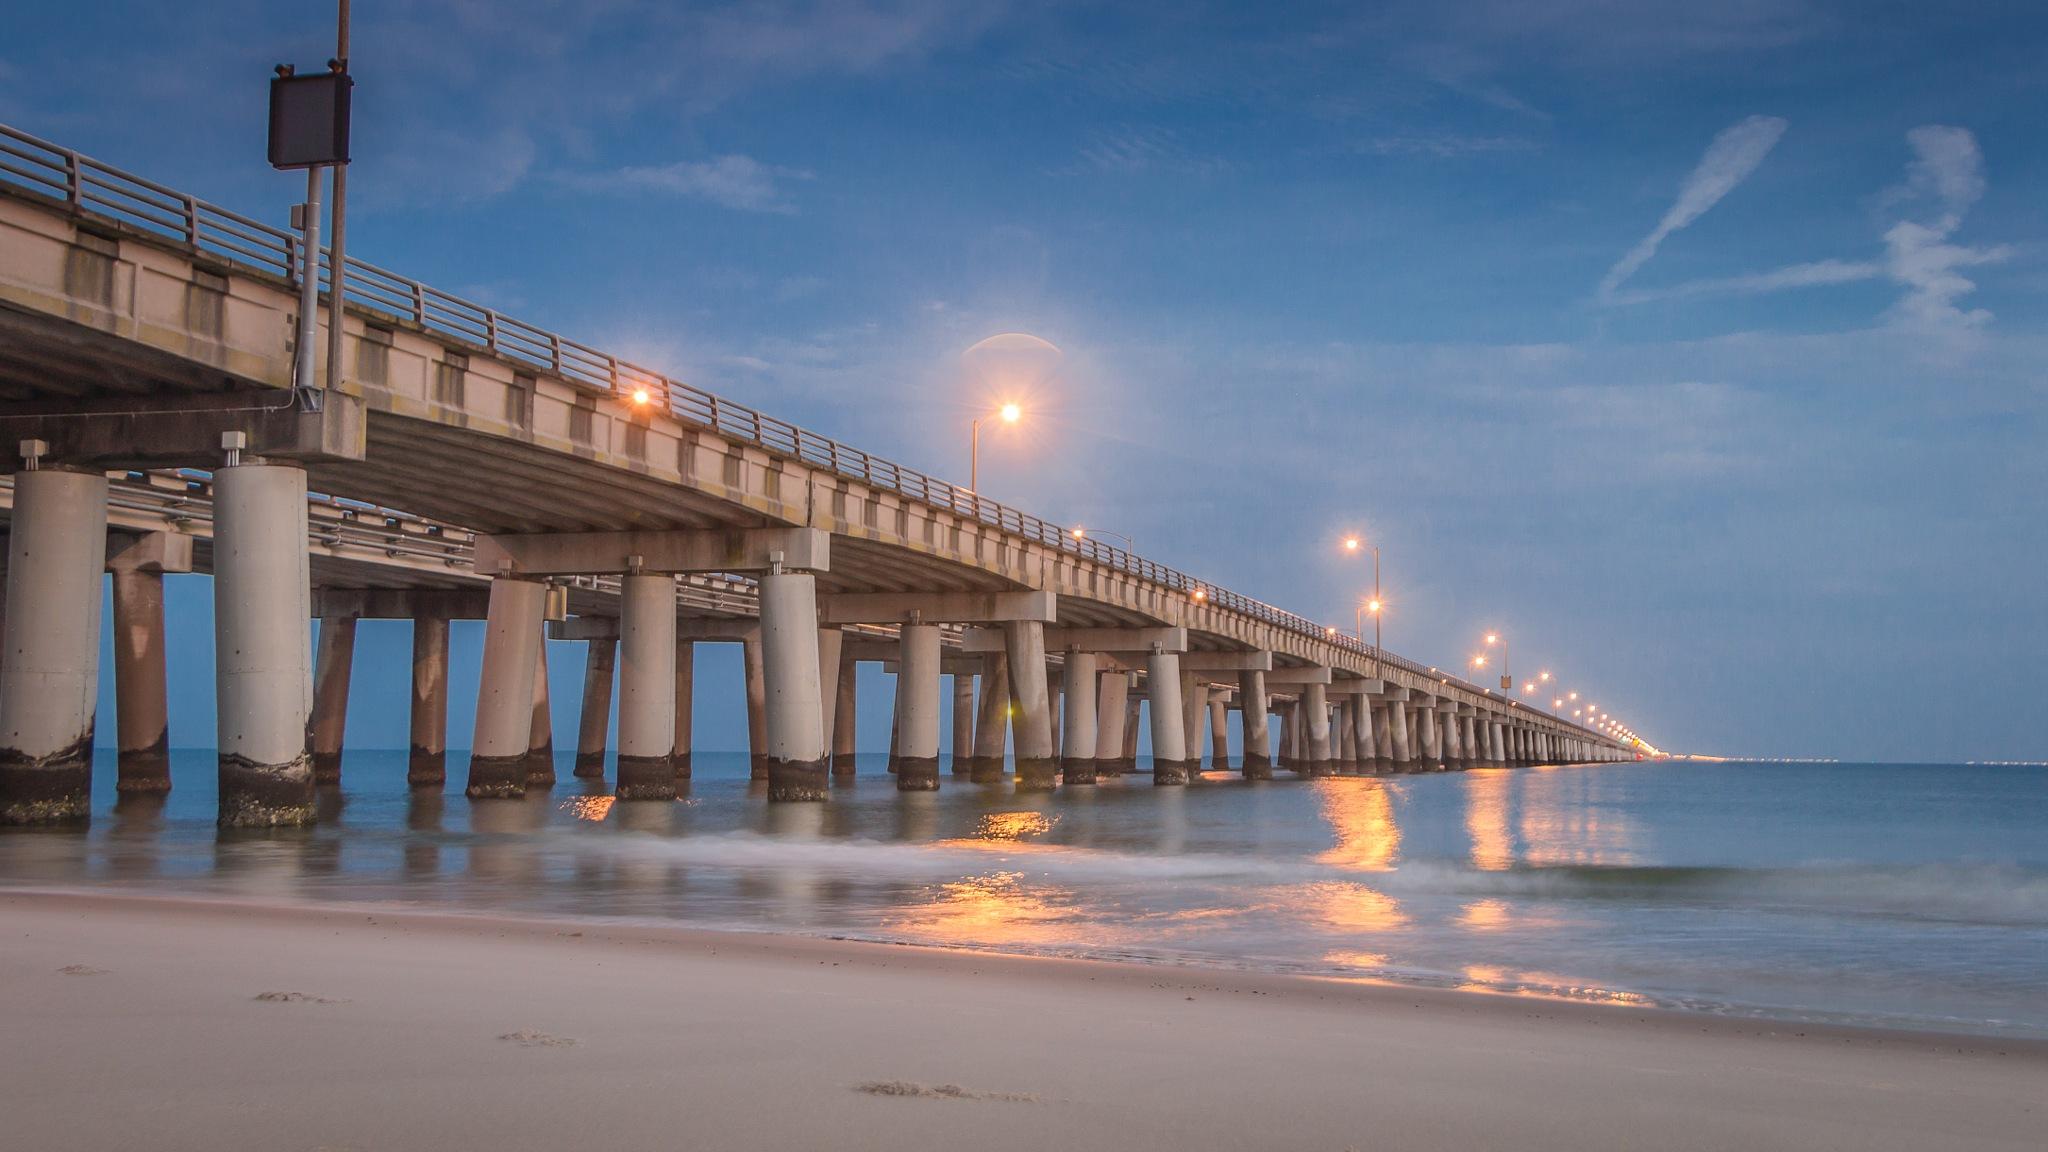 Ocean Bridge by Patrick Helms